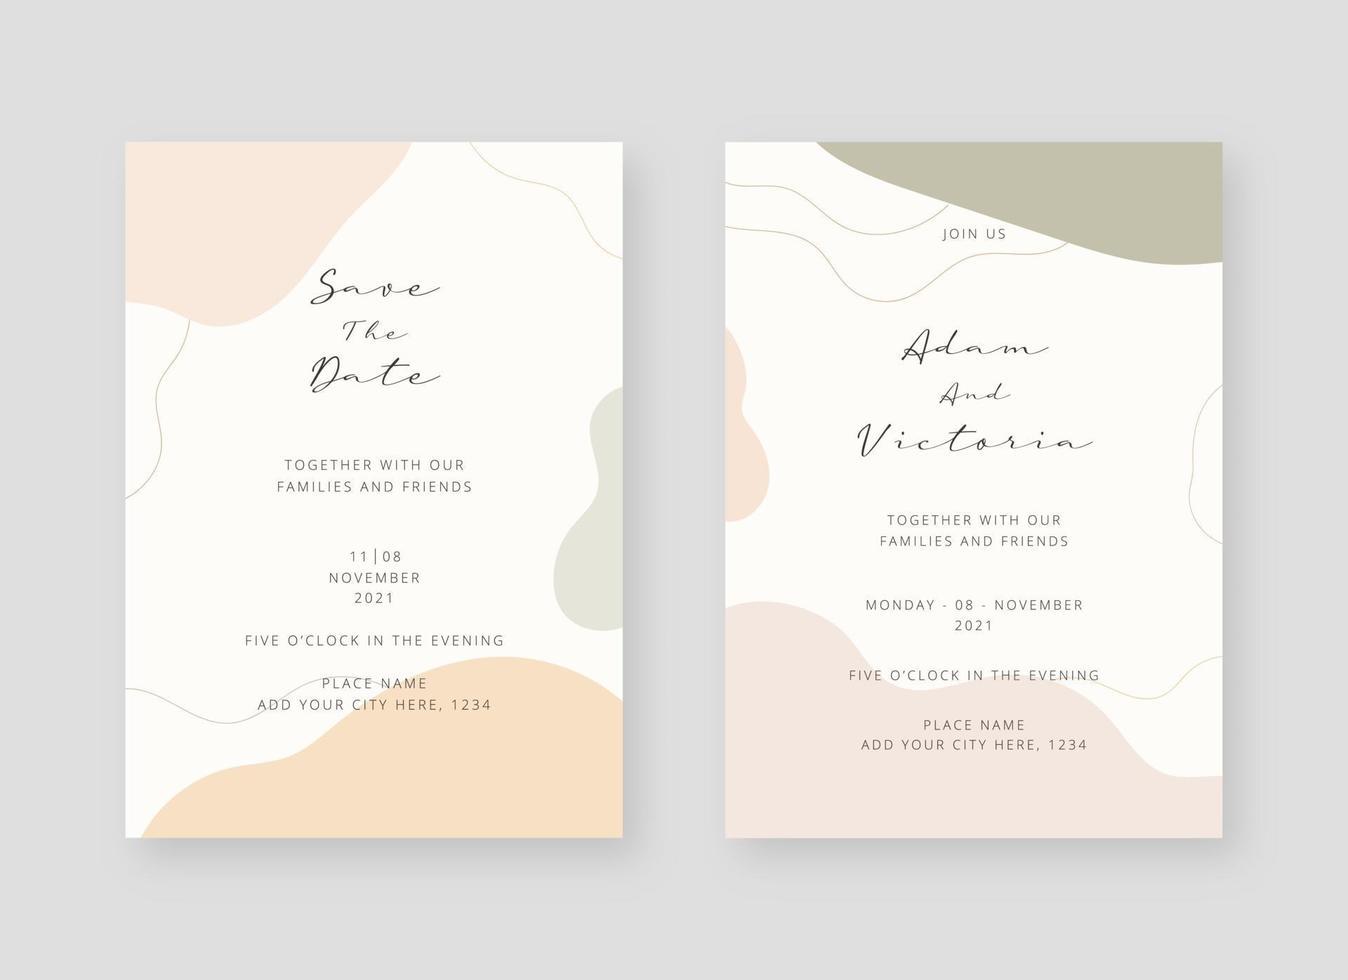 https fr vecteezy com art vectoriel 2065620 invitation carte modele ensemble de mariage invitation carte modele conception vecteur decoratif design fond